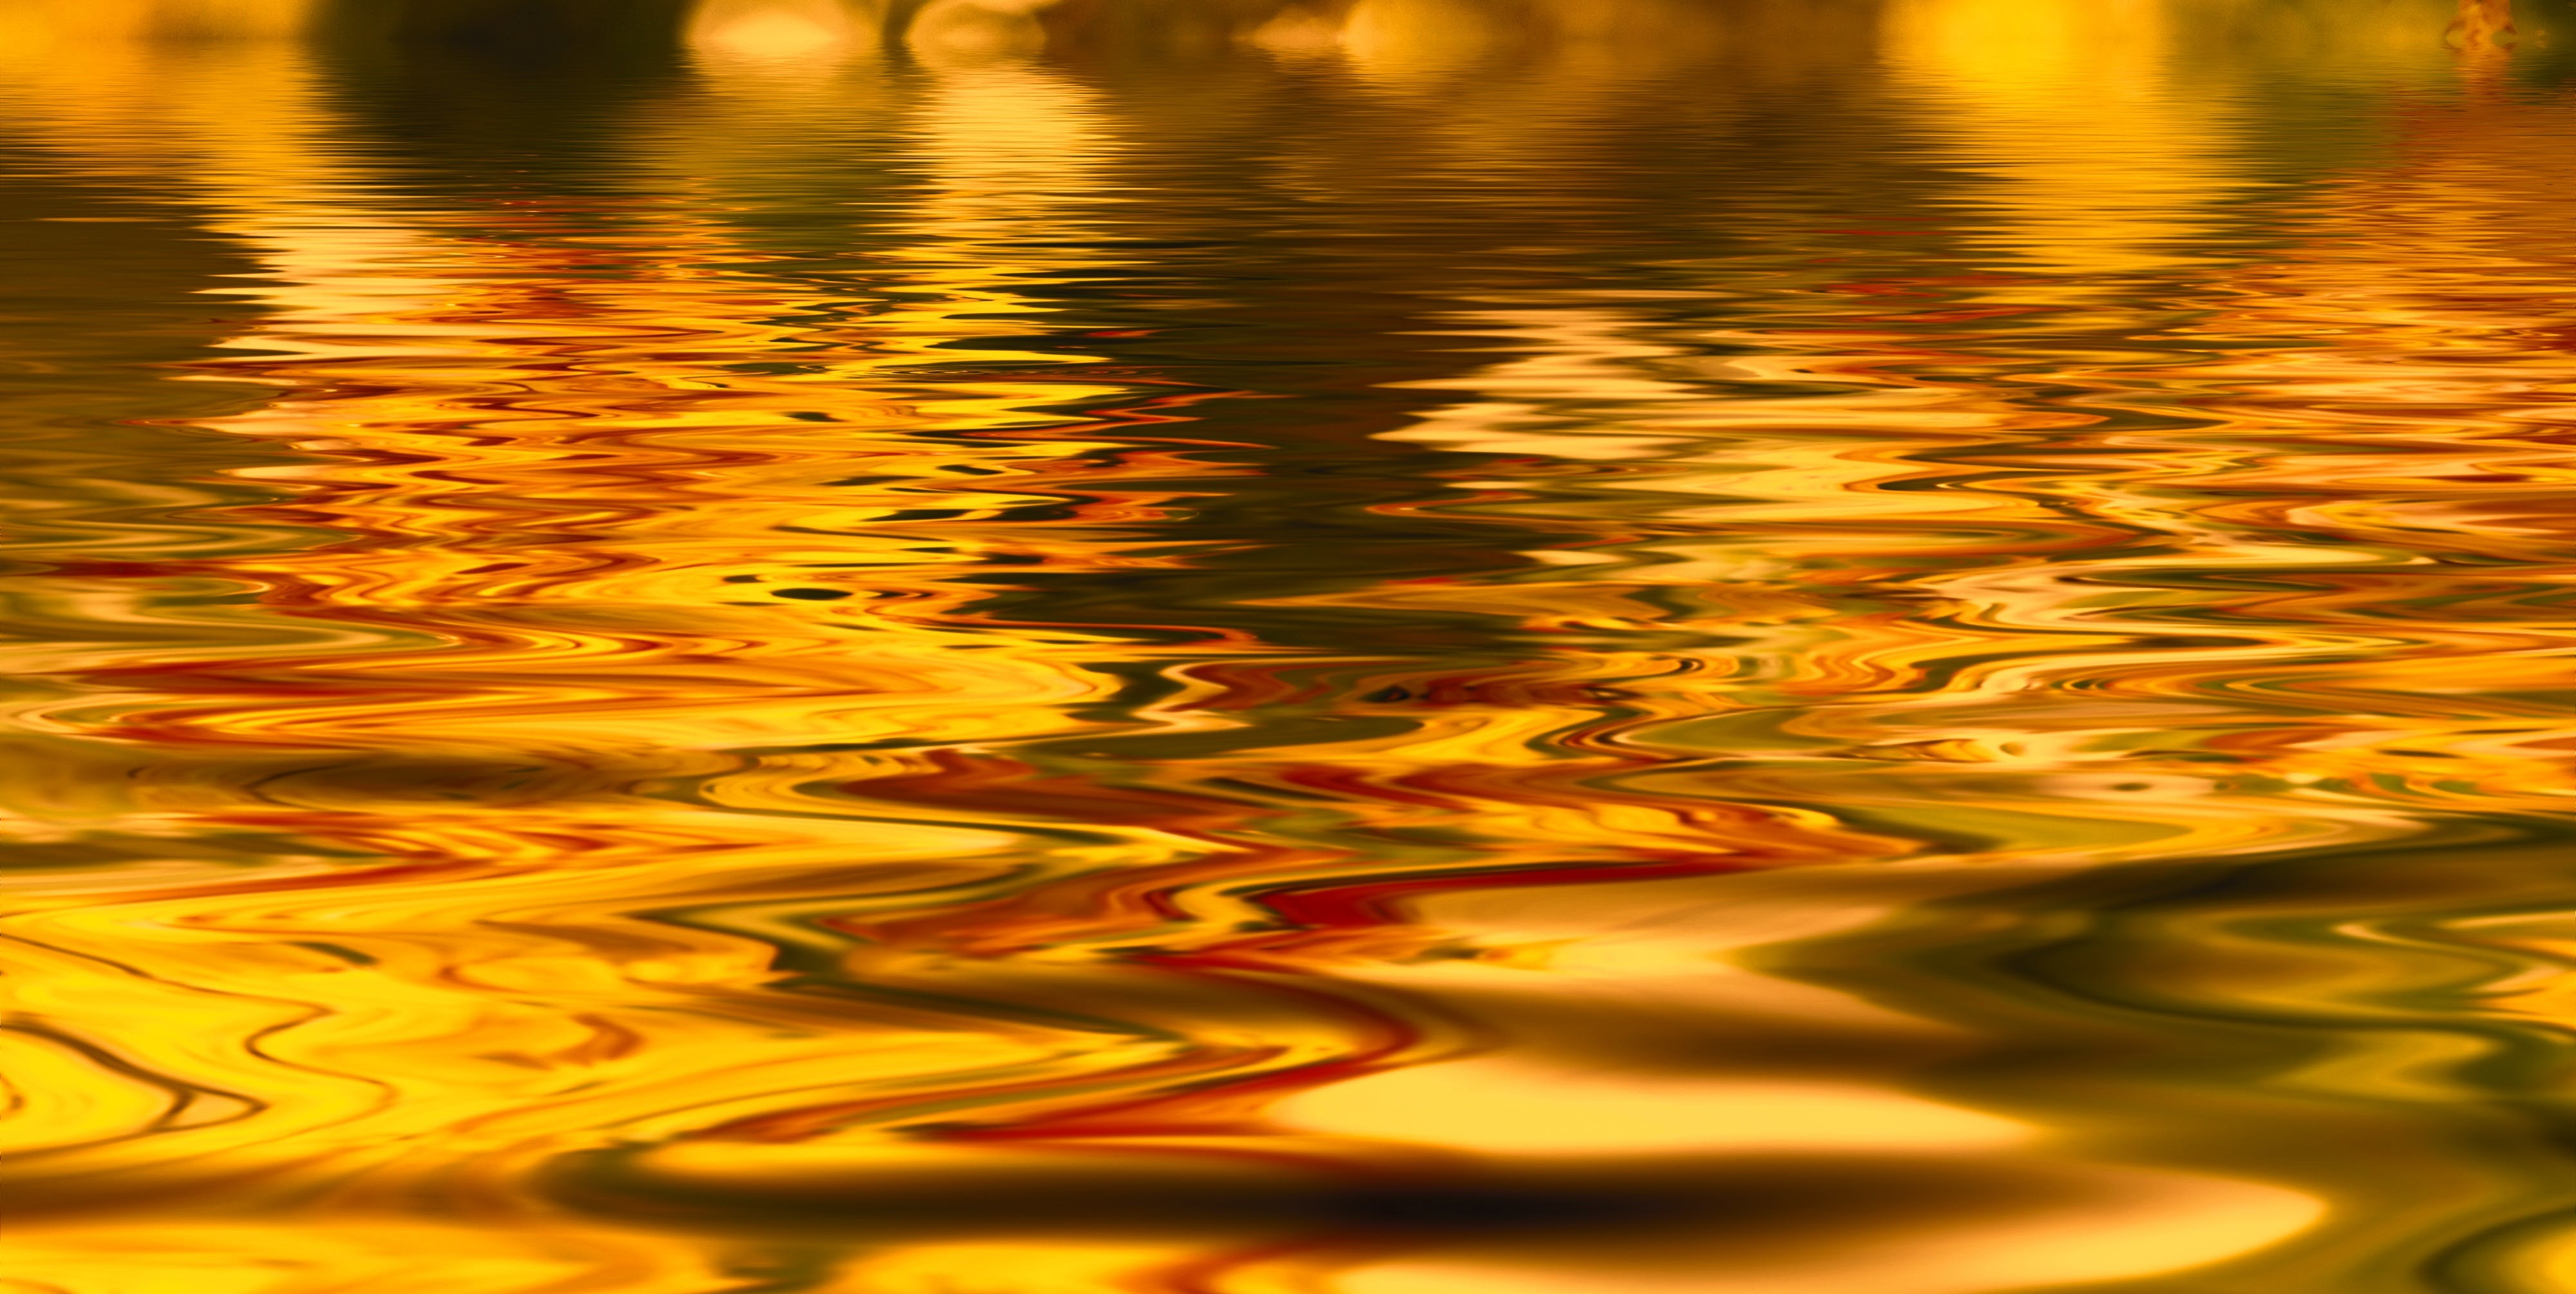 açık, akşam, altın, altından içeren Ücretsiz stok fotoğraf